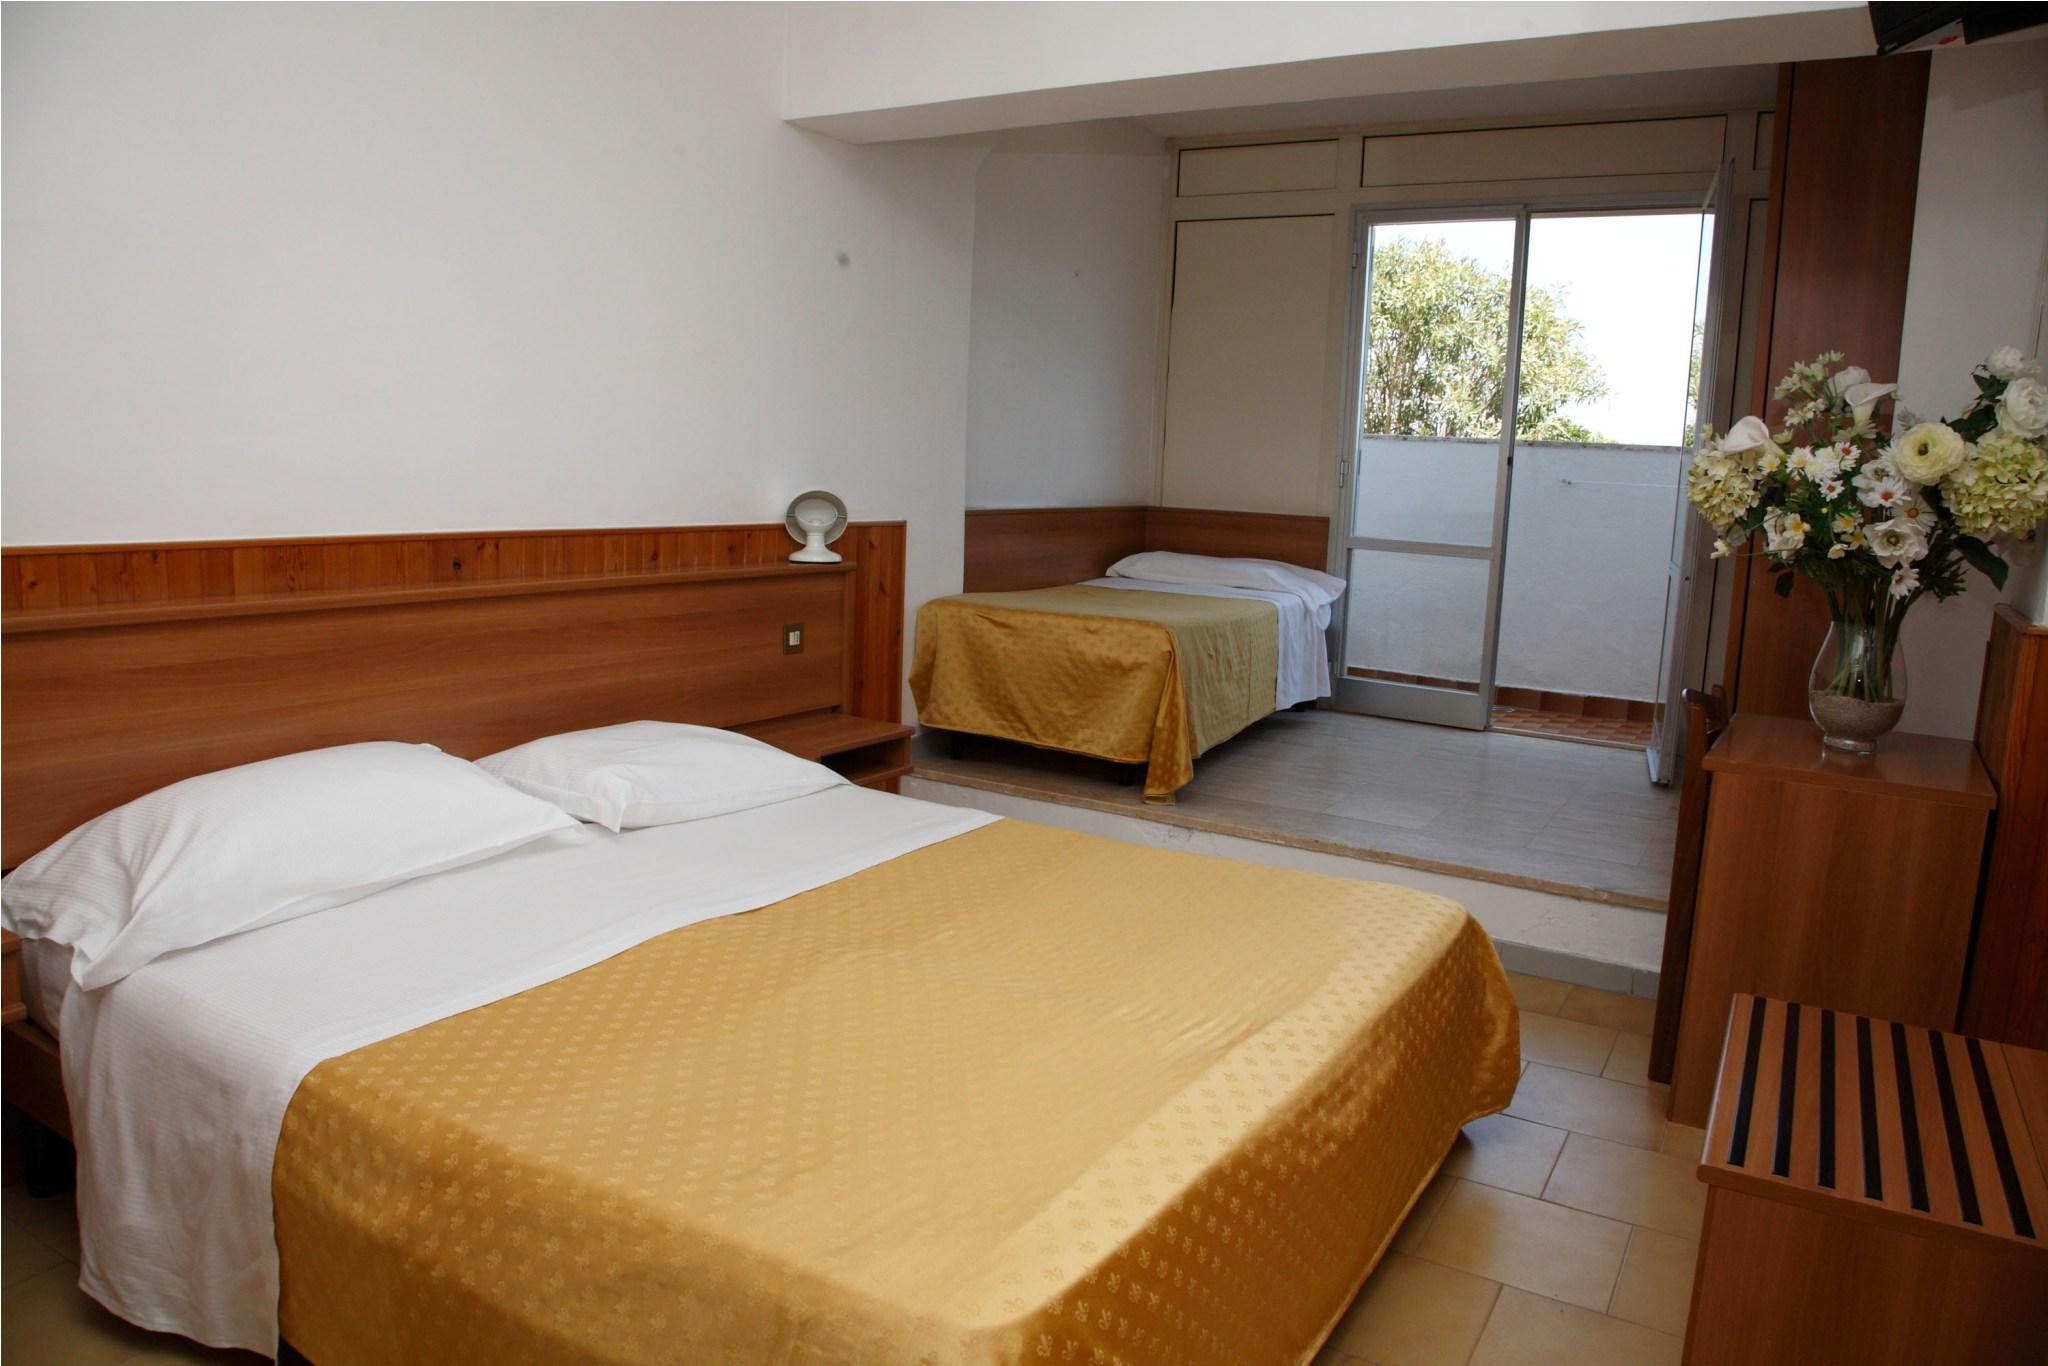 Le camere hotel san domenico for Piani camera a castello